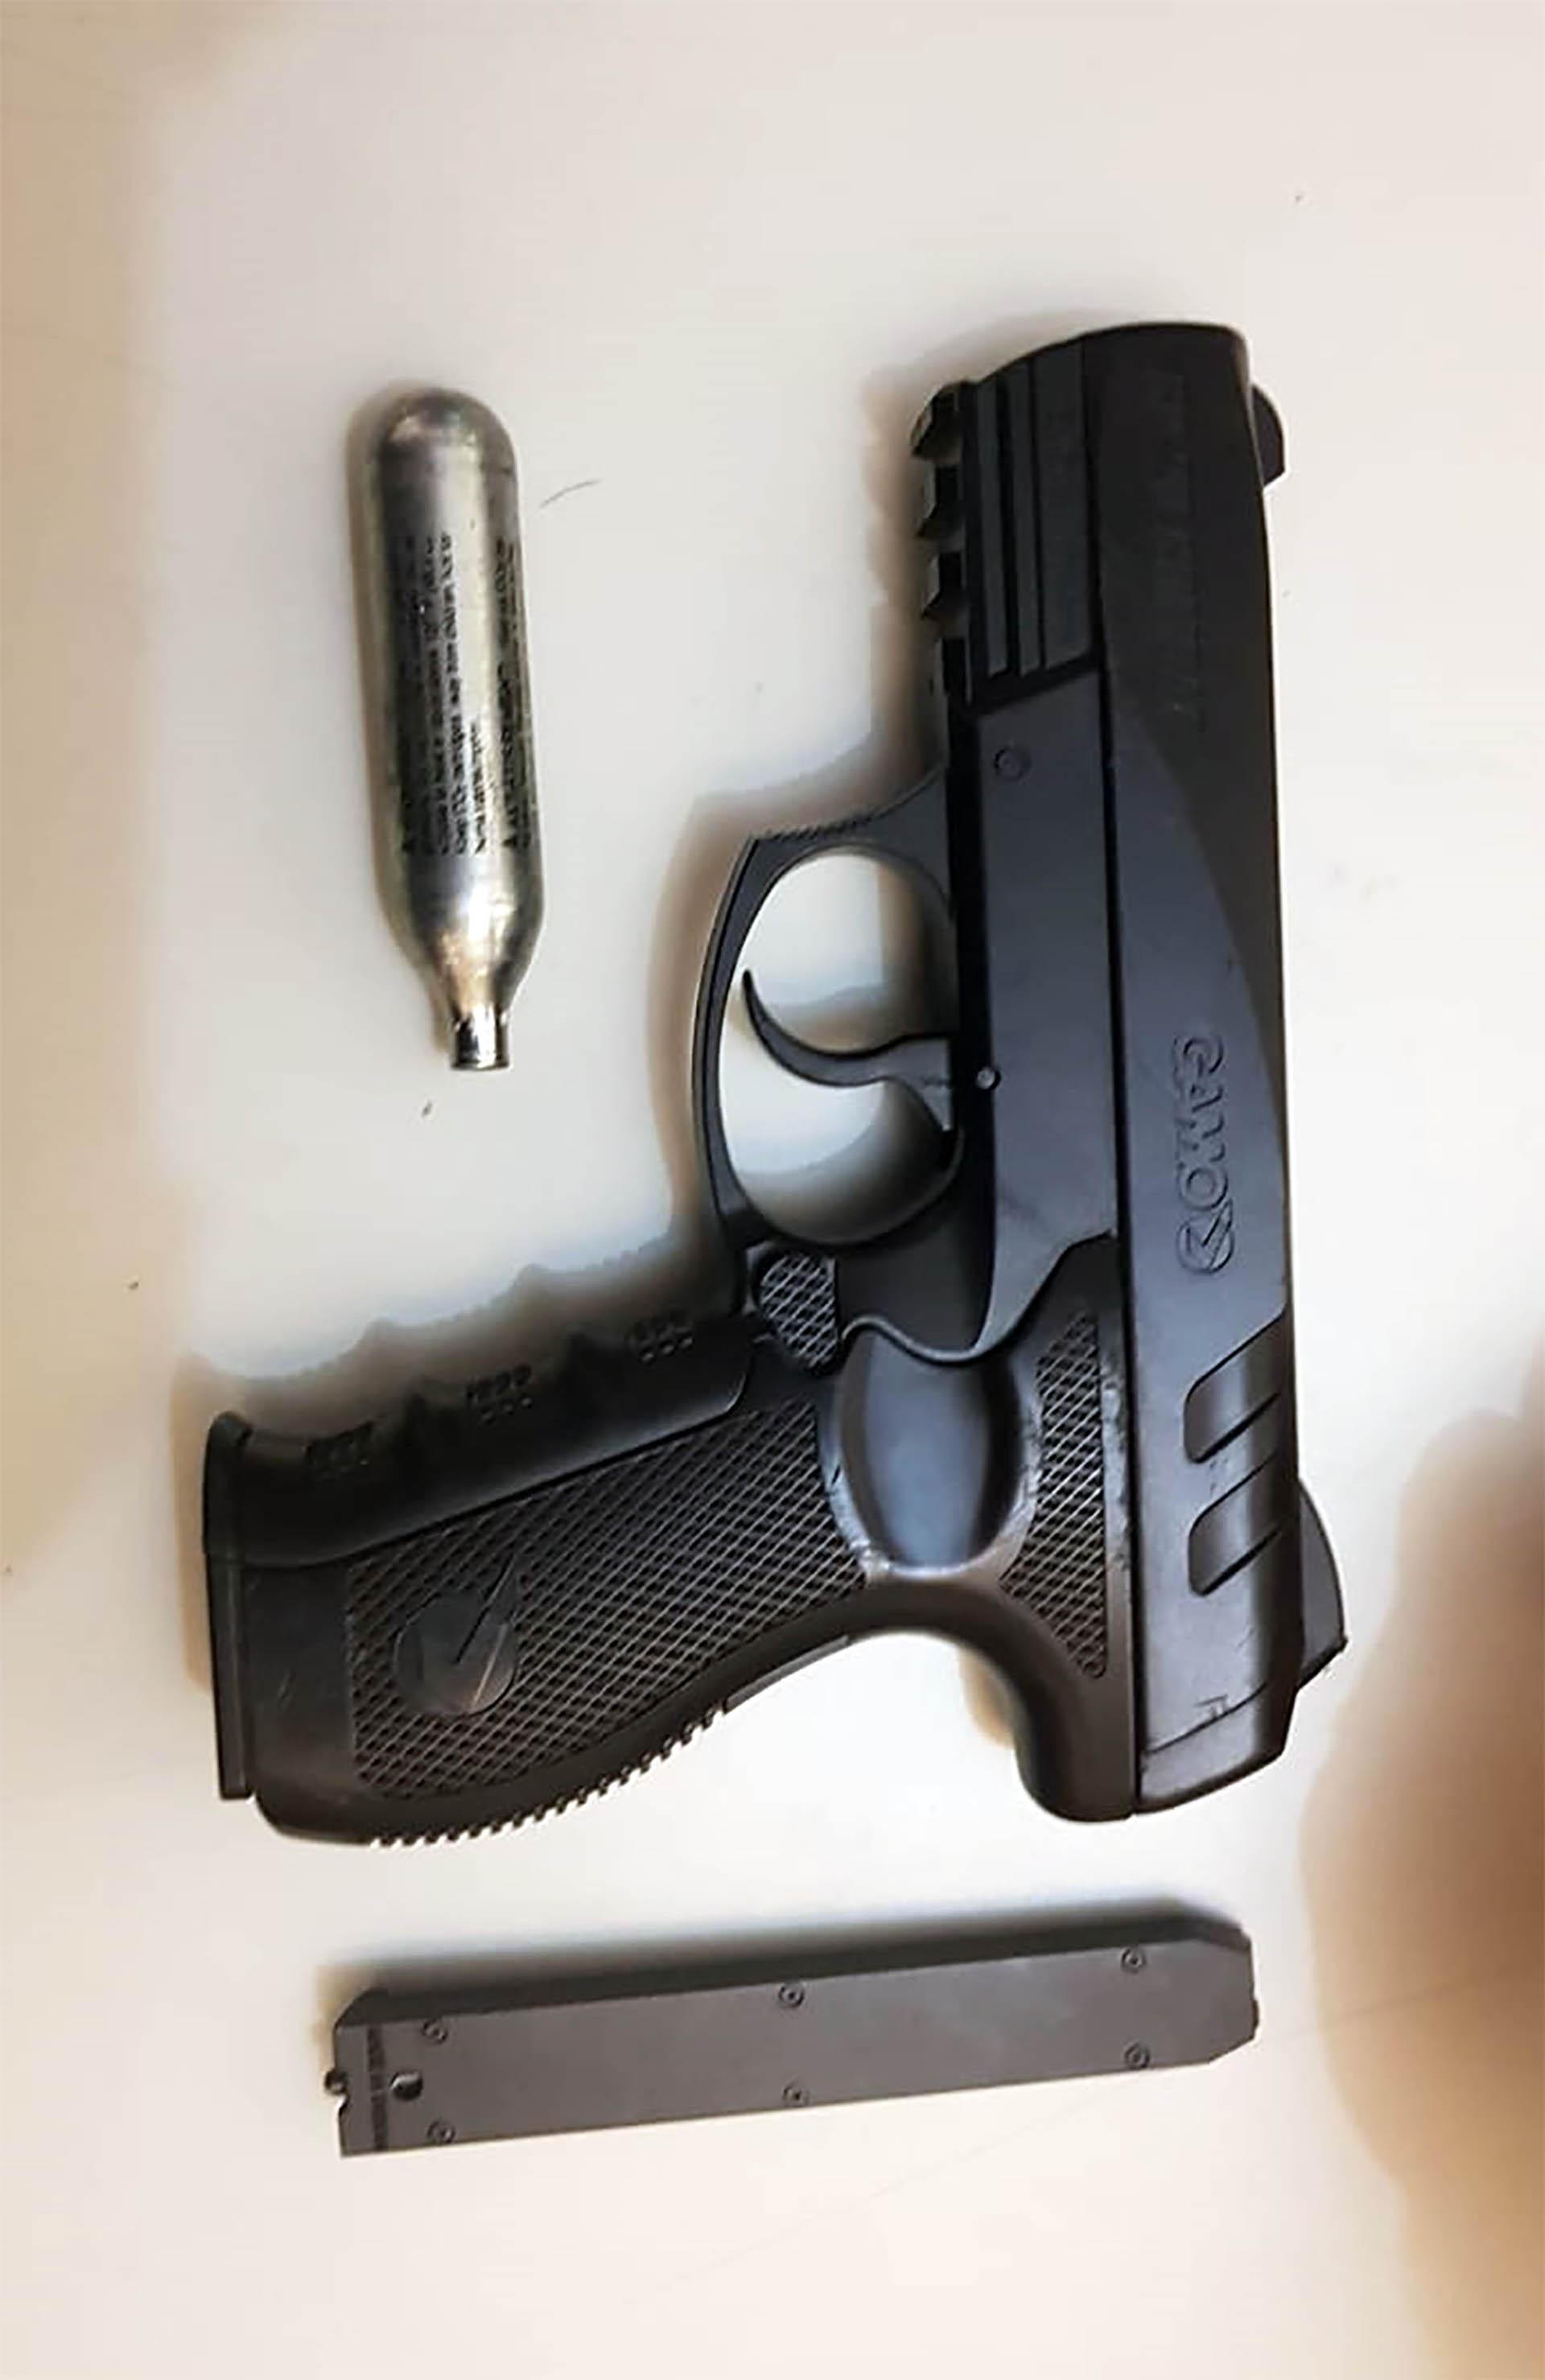 Pistola de aire comprimido con tanque de Co2 incautada a Casermeiro y Laje, similar a la que se describe en el robo de Munro